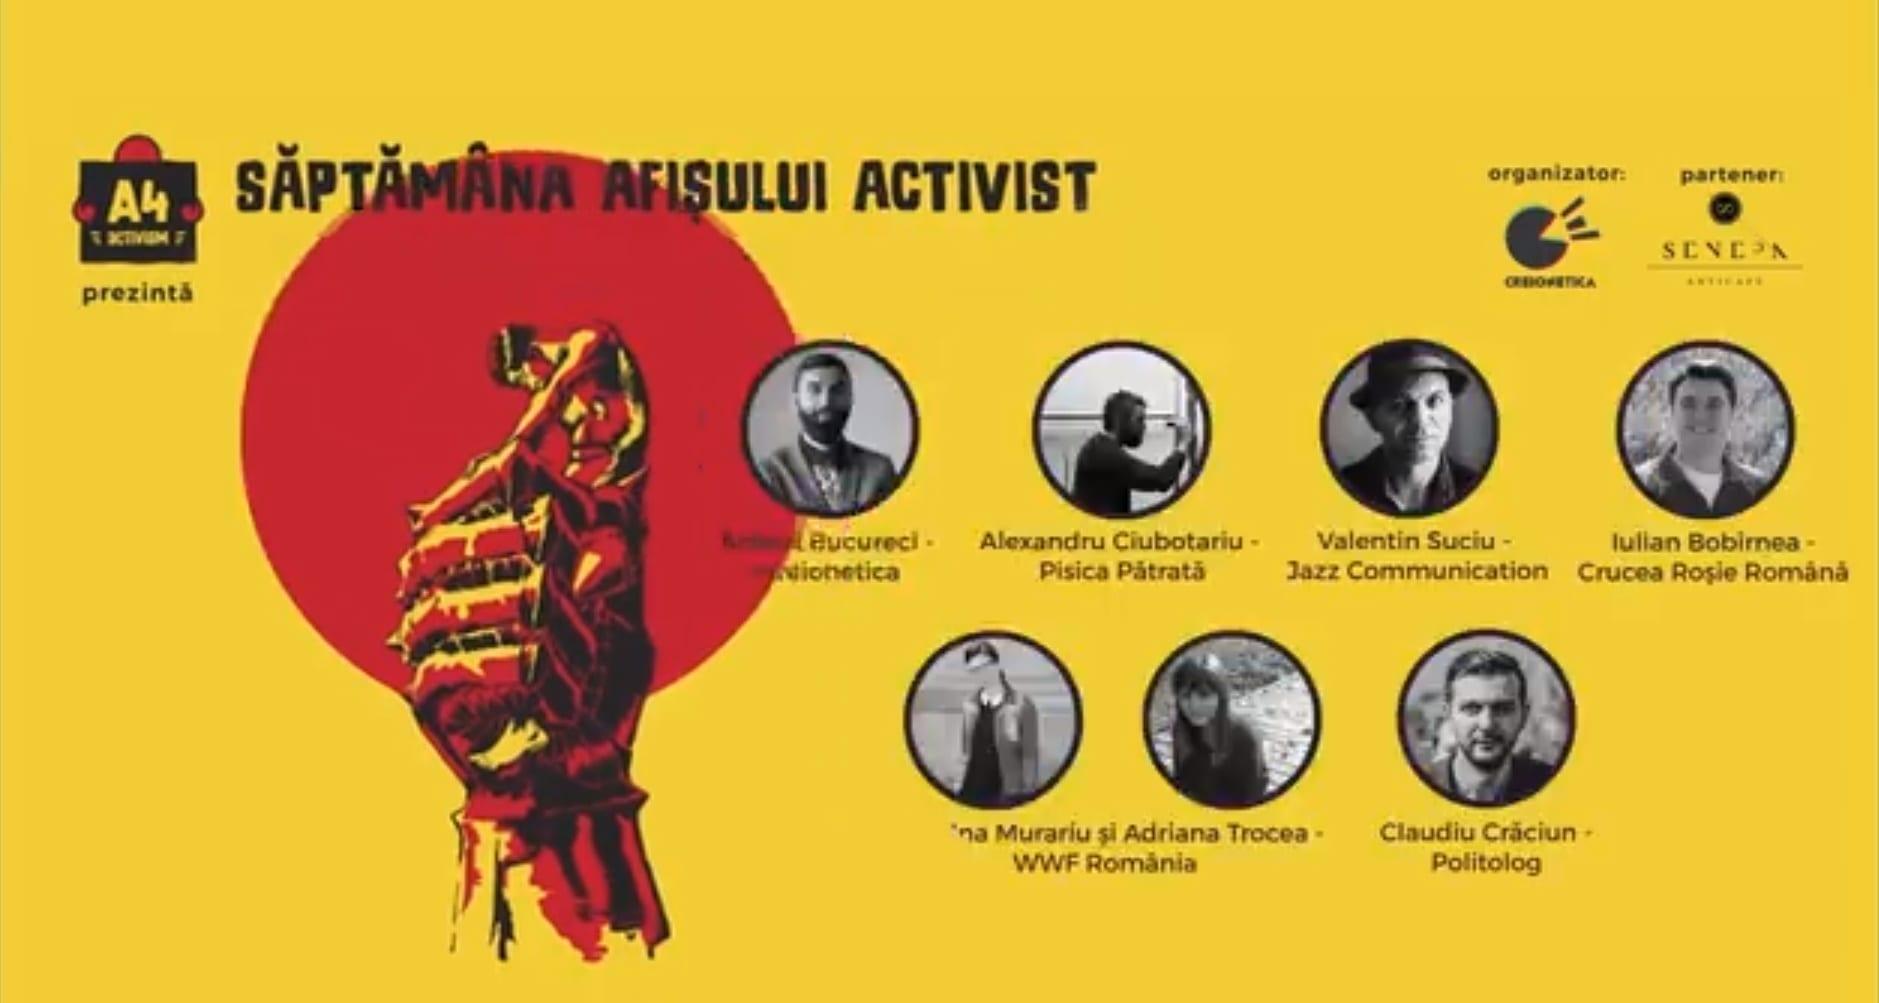 Săptămâna Afișului Activist